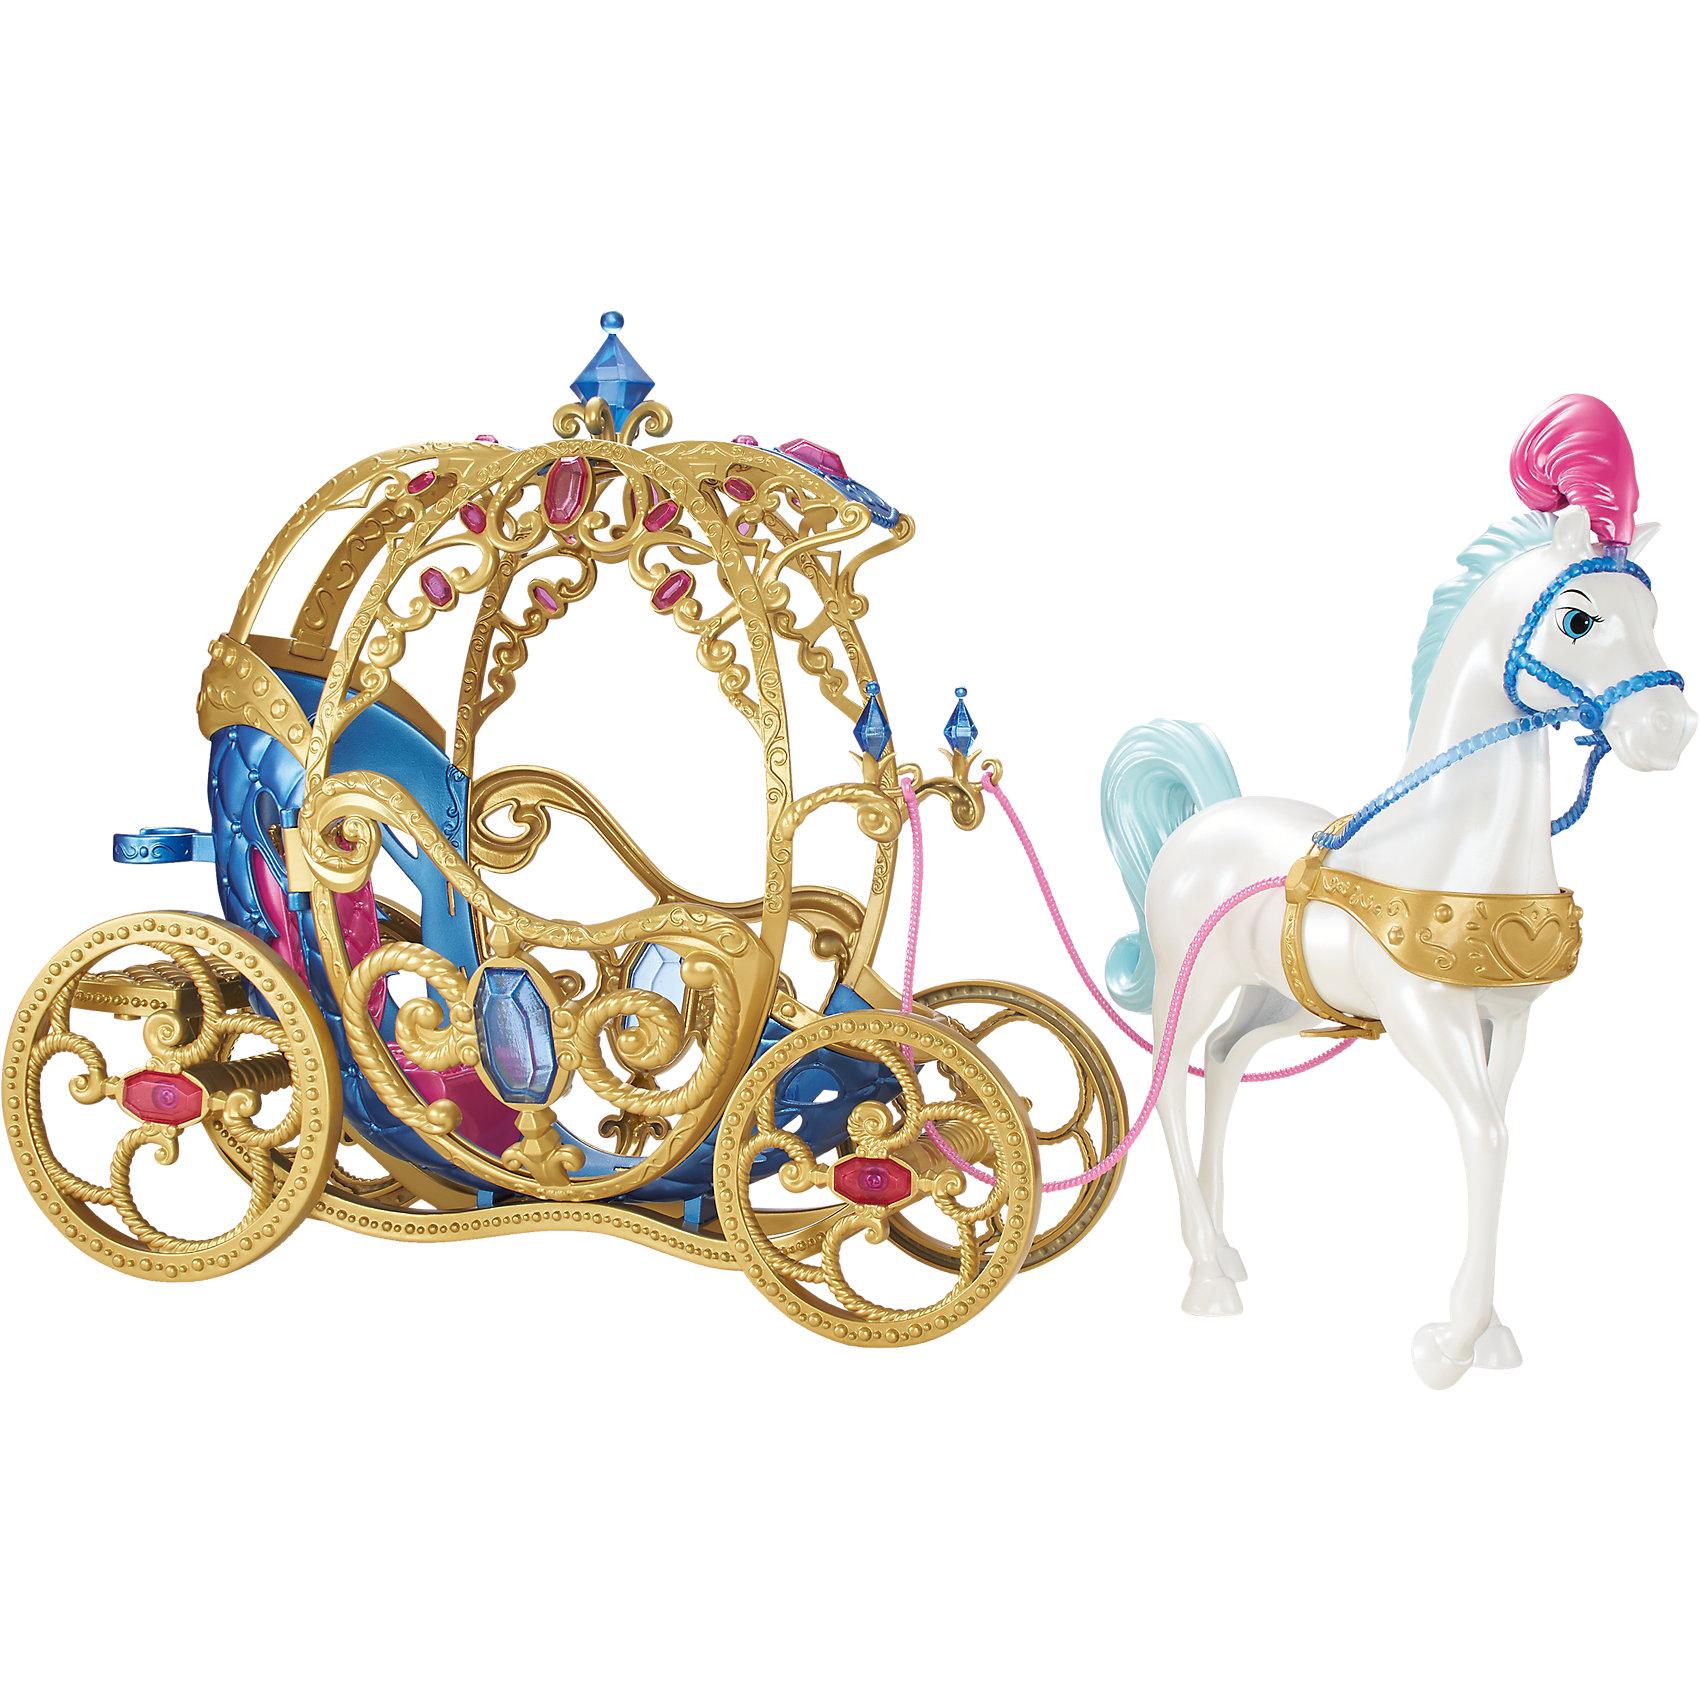 Mattel Лошадь с каретой для Золушки, Принцессы Дисней mattel mattel кукла ever after high мишель мермейд